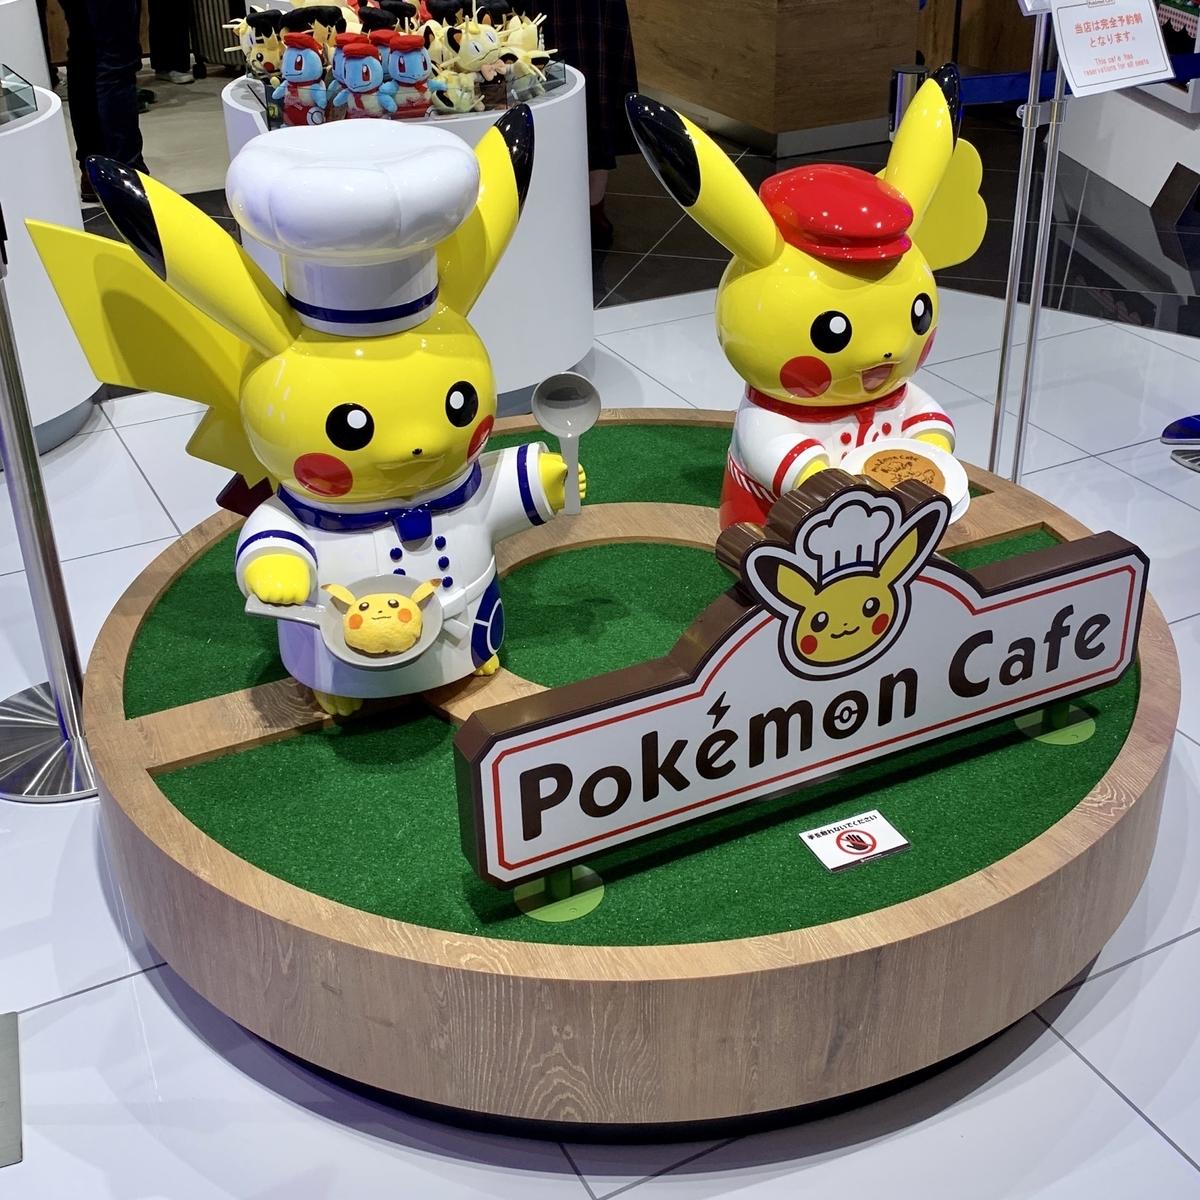 f:id:pikachu_pcn:20190922190514j:plain